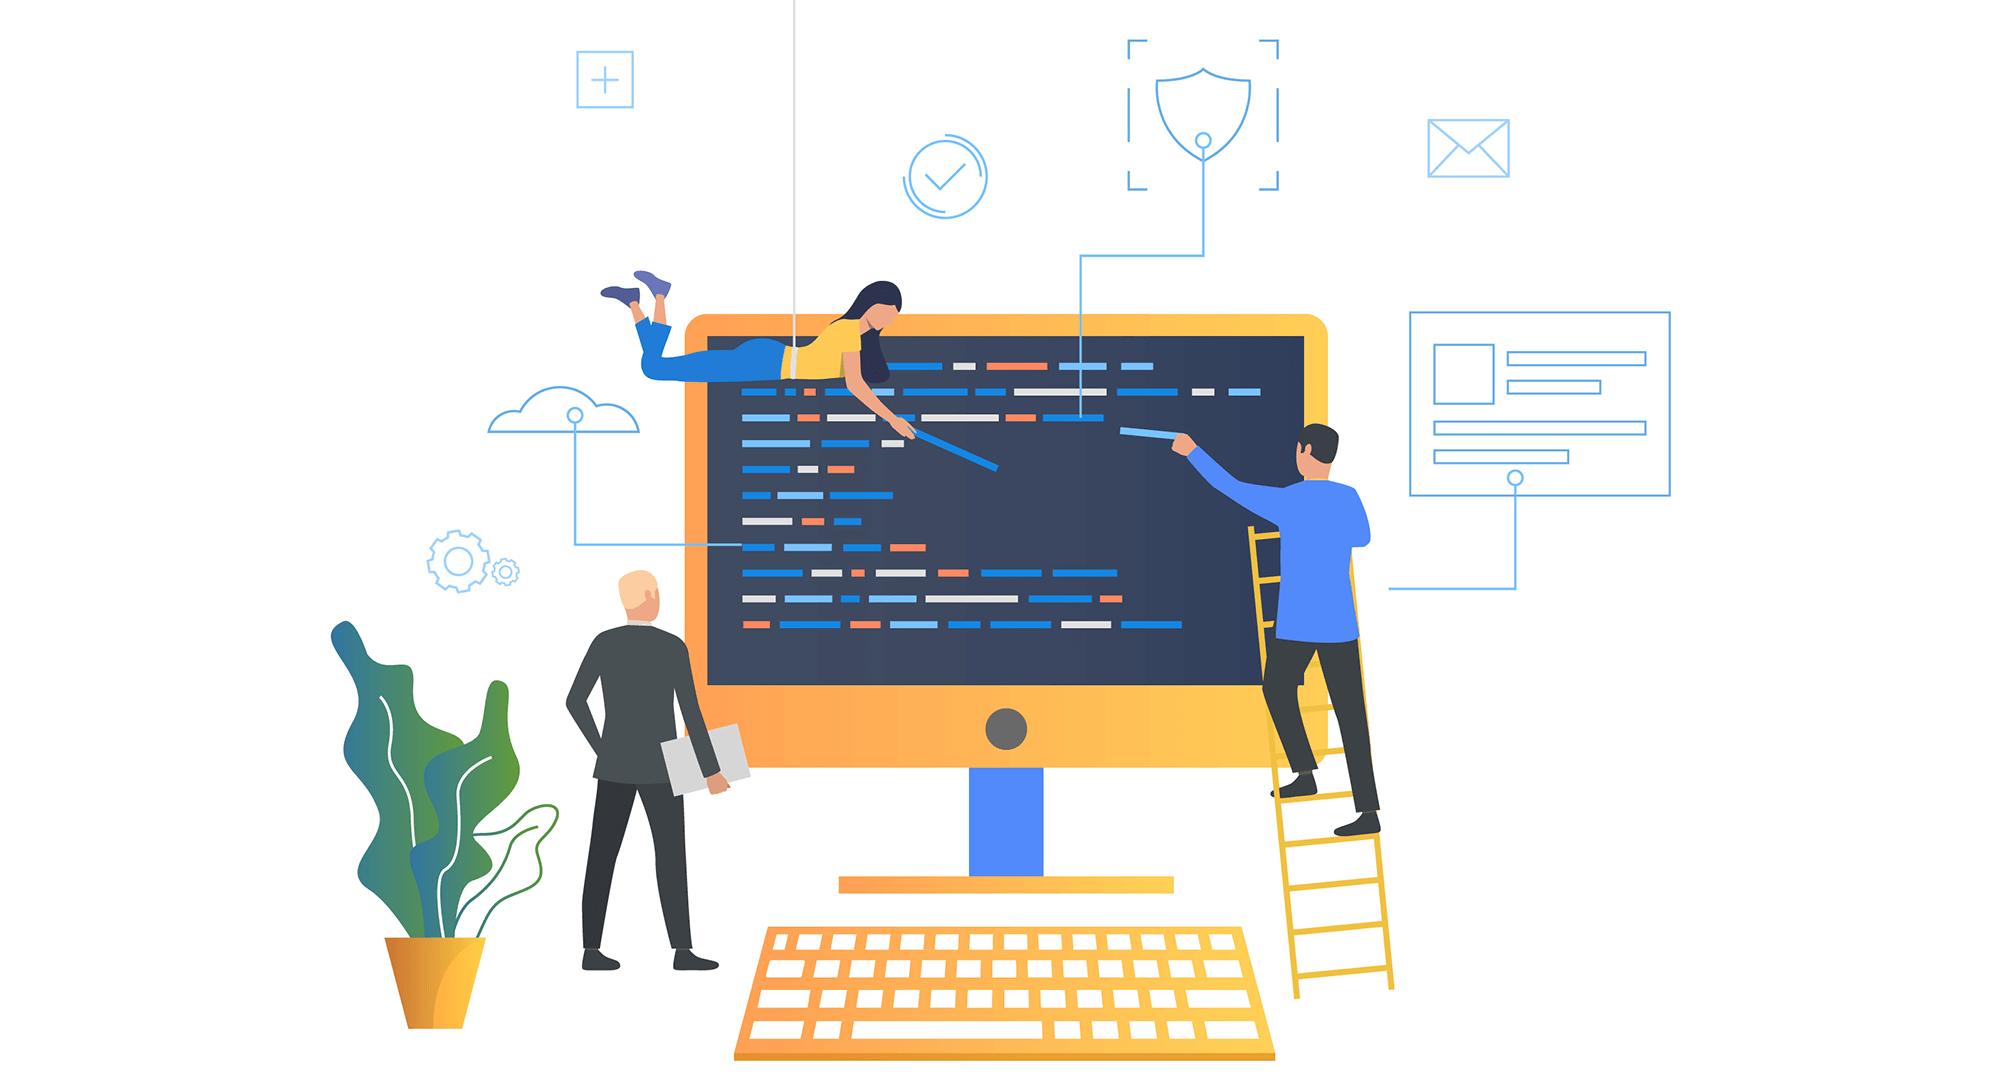 تفاوت بین نرمافزار آزاد و برنامههای متن باز